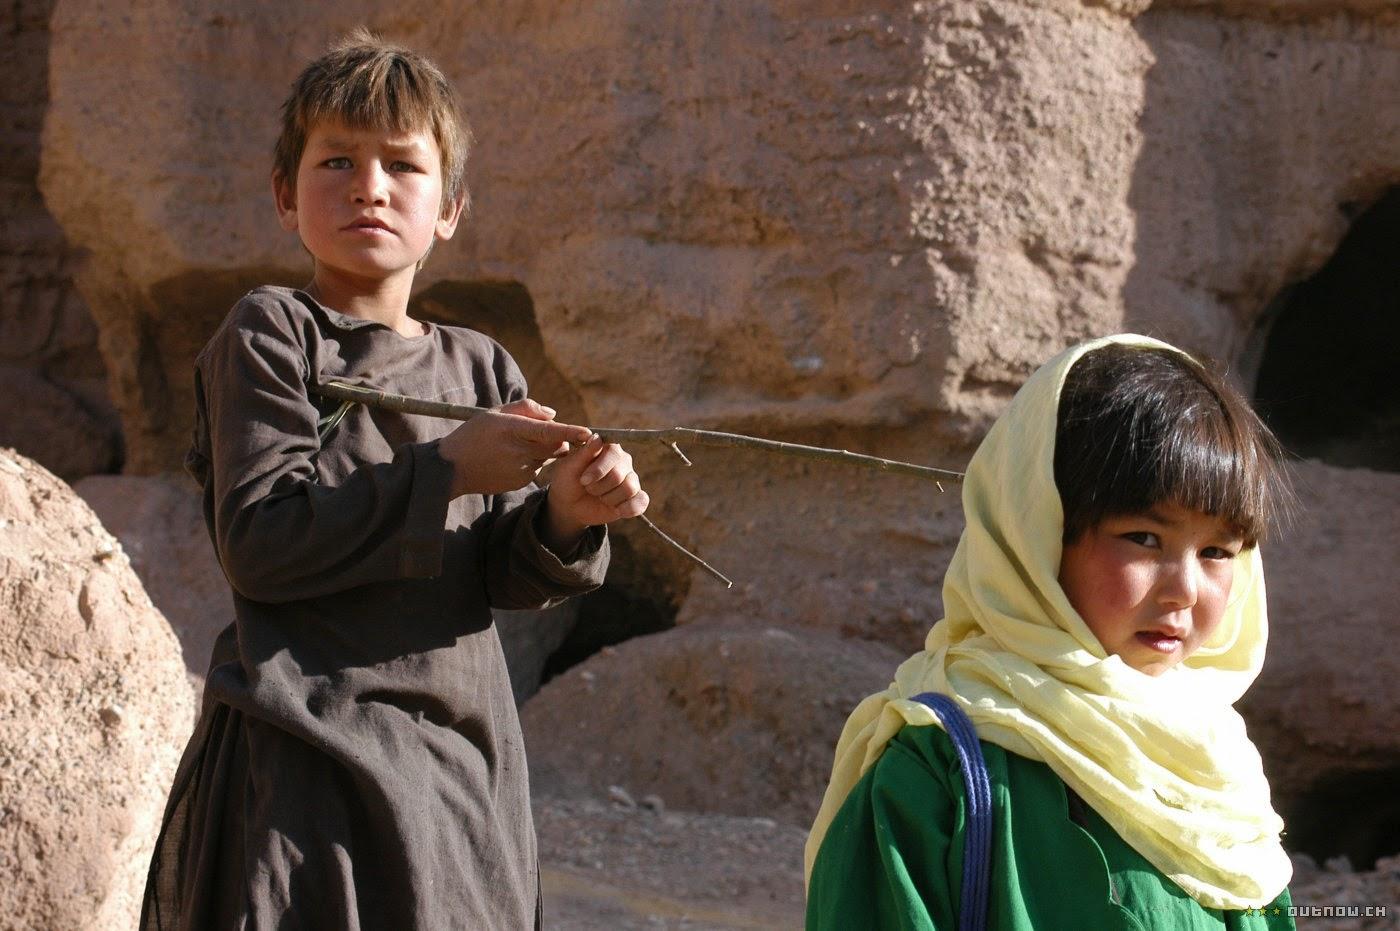 E Buda Desabou de Vergonha (2007) - Dir. Hana Makhmalbaf